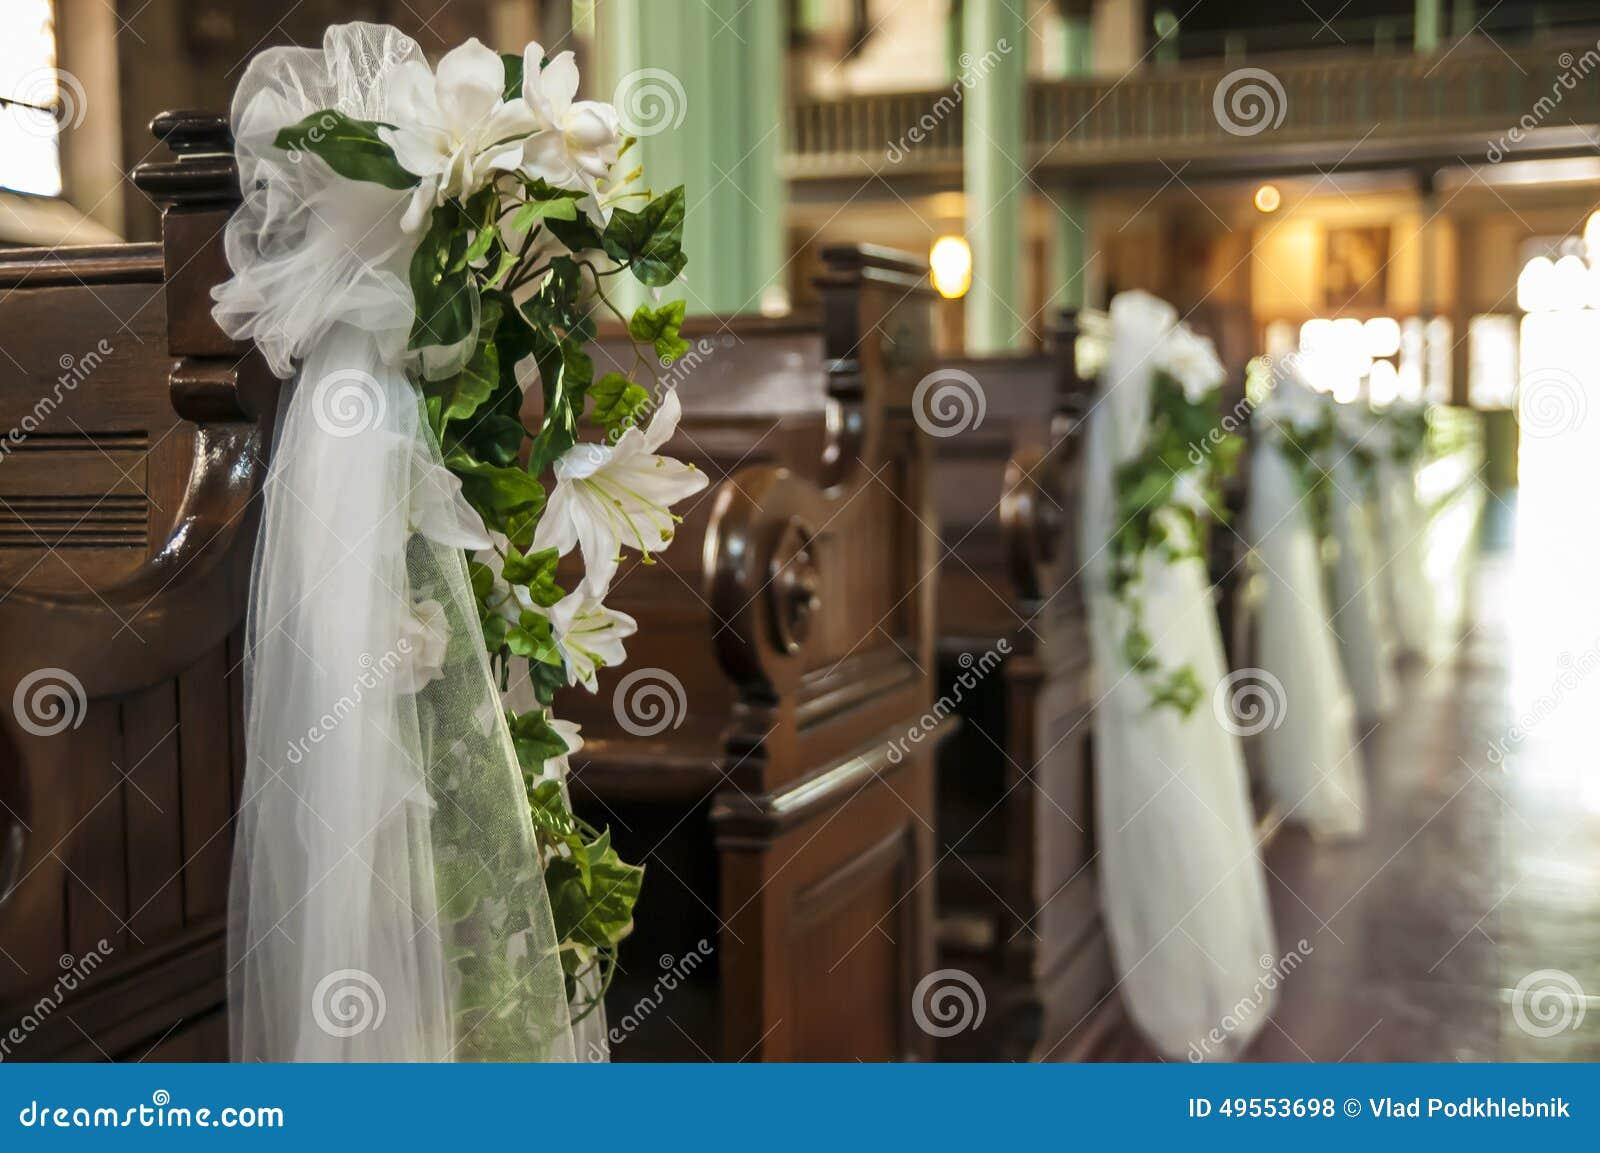 Wedding decoration stock photo image of religion flowers 49553698 wedding decoration junglespirit Choice Image